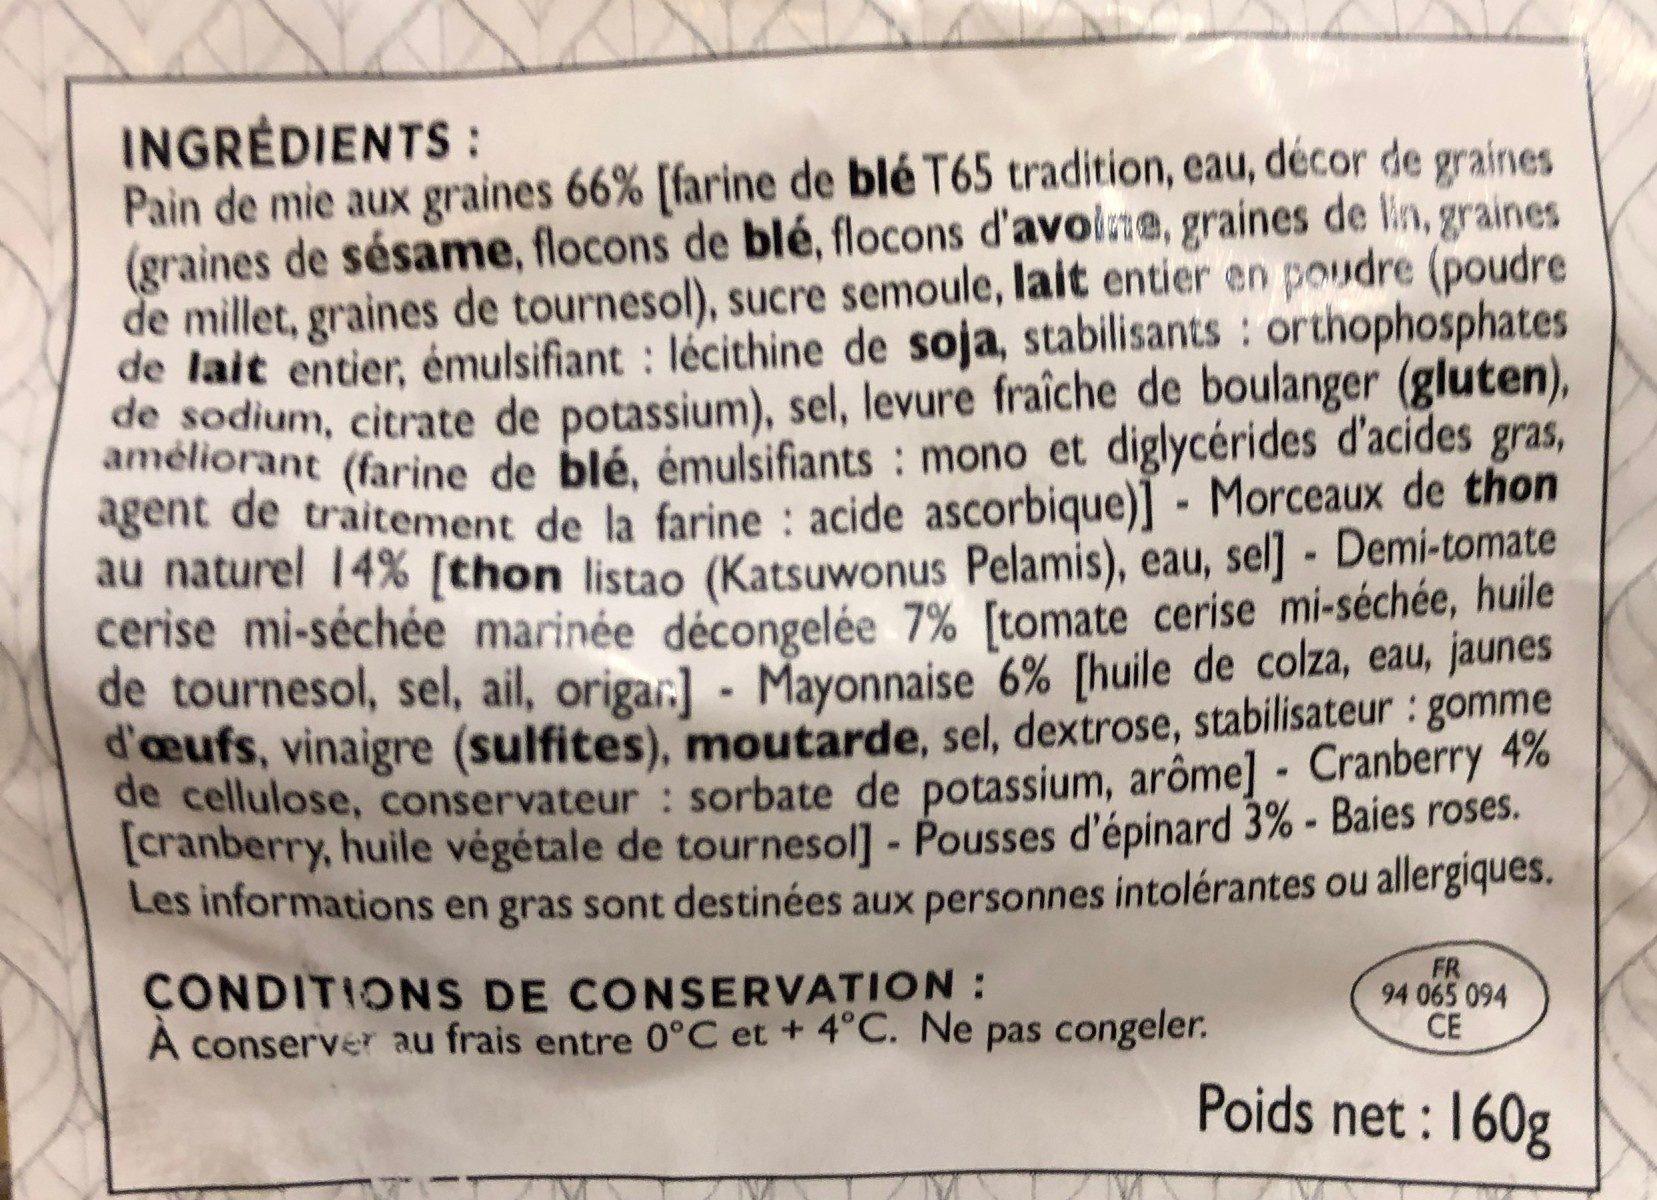 Club aux cereales - Ingredients - fr